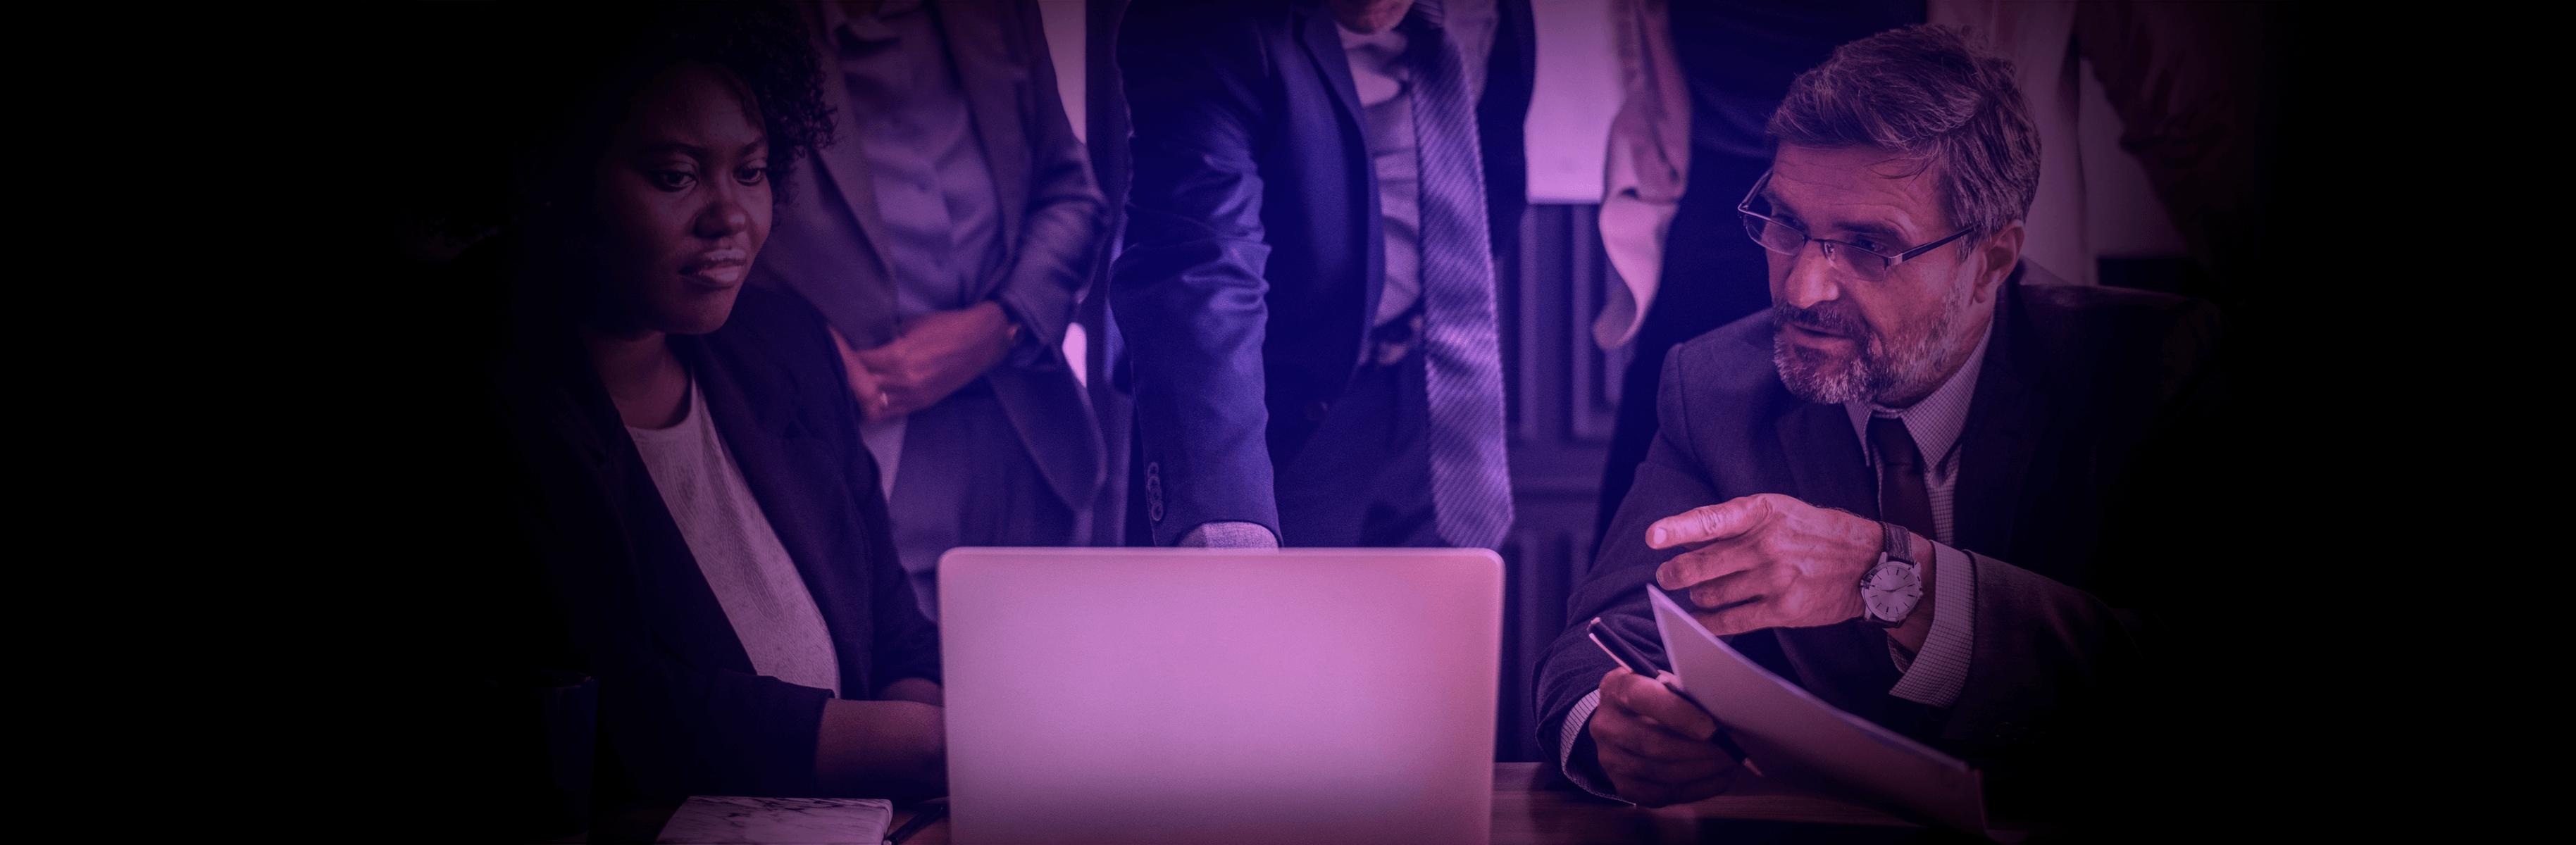 5 situações que gestores de Call Center precisam evitar